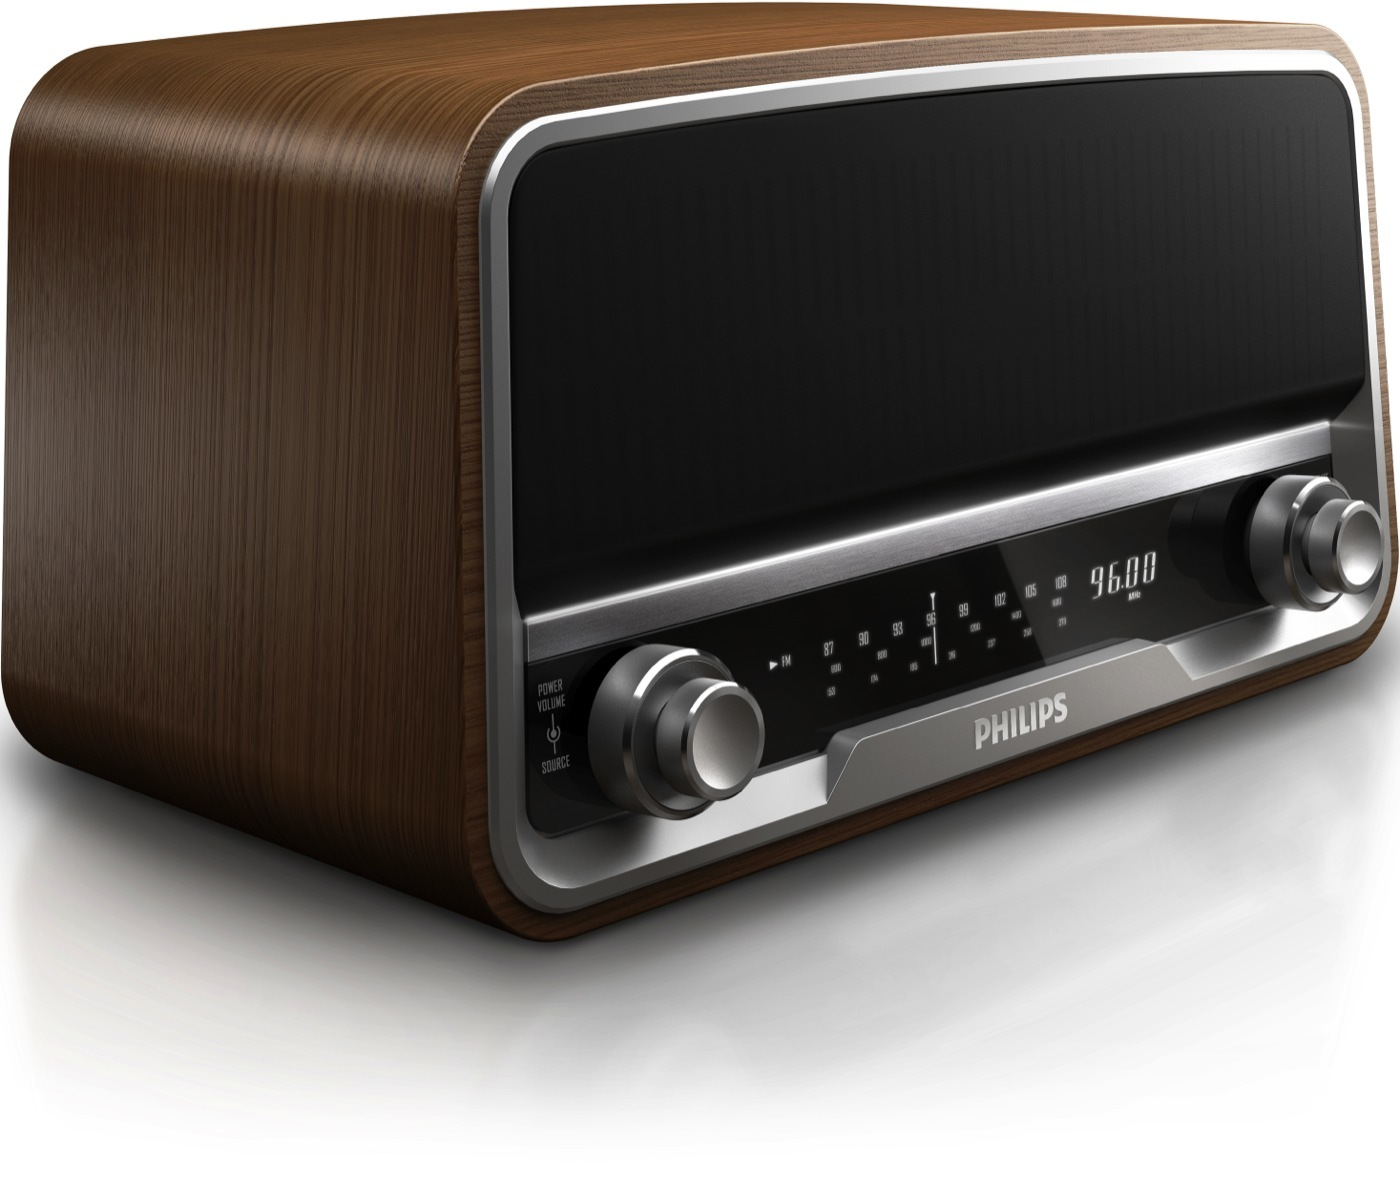 Foto de Philips Original Radio, imágenes oficiales (14/14)